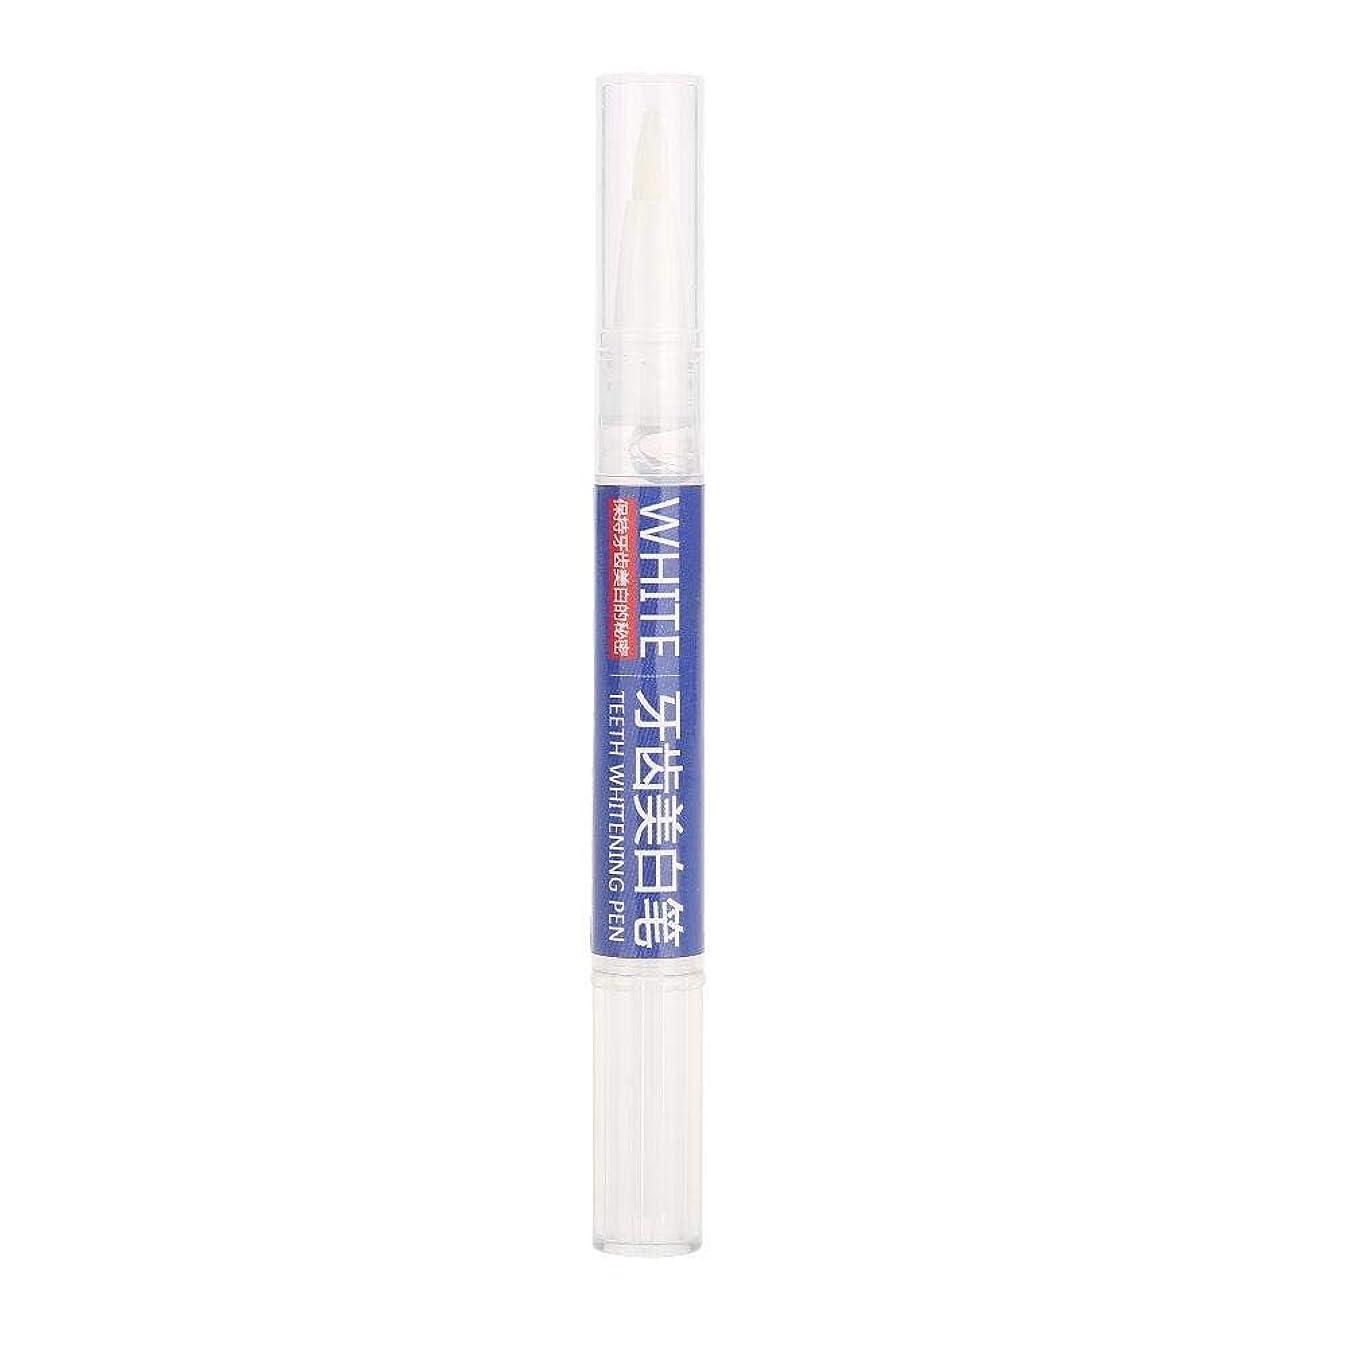 ペンダント原点国ホワイトニングトゥースペン3mlイエロートゥースシガレット汚れ除去ホワイトニングホワイトニングトゥースジェルペン